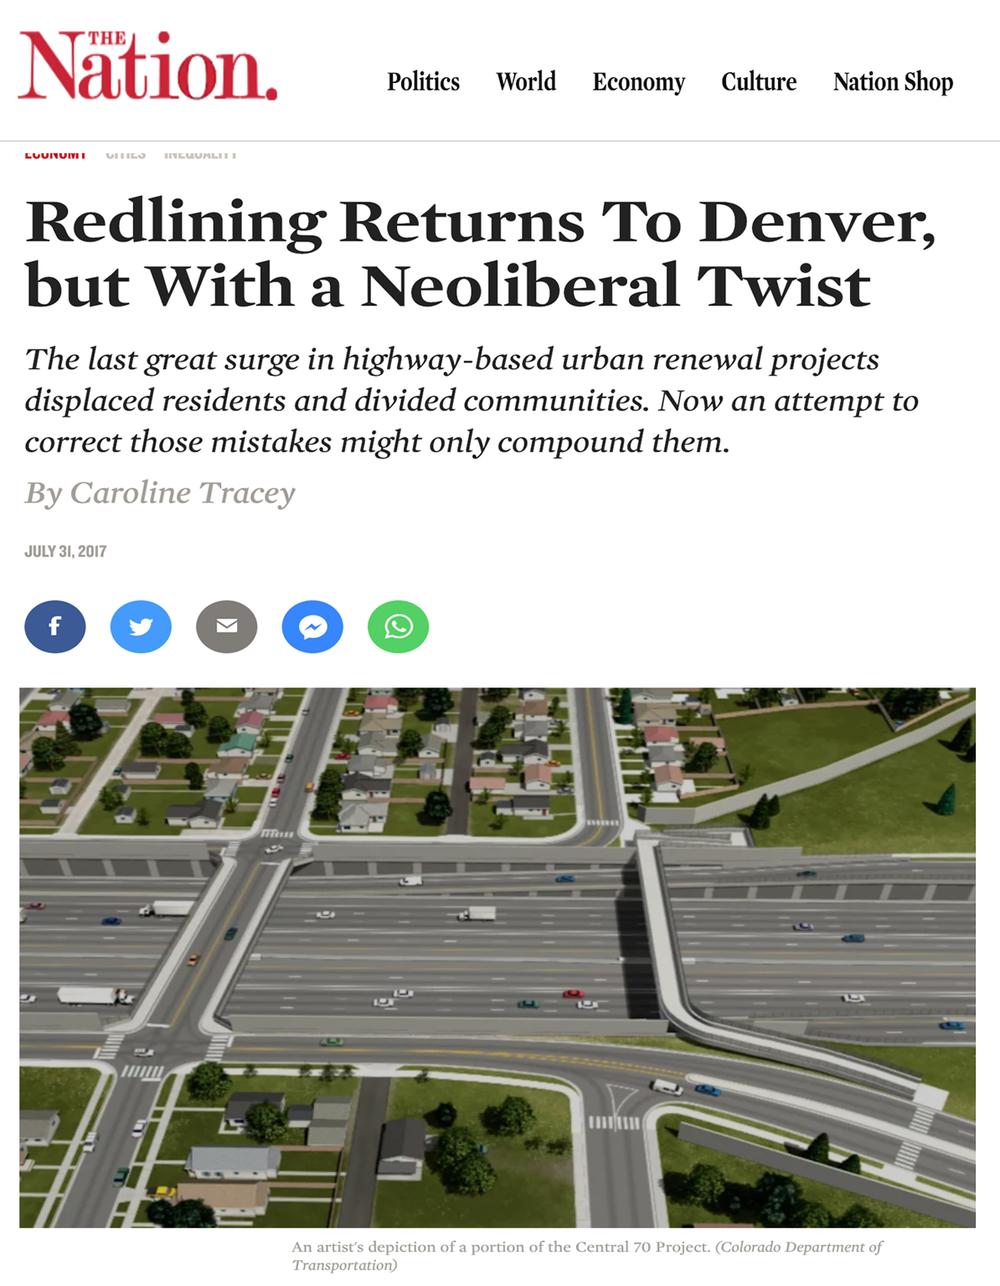 Redlining regresa a Denver, pero con un giro neoliberal - La última gran oleada en proyectos de renovación urbana basados en carreteras desplazó a los residentes y dividió a las comunidades. Ahora, un intento de corregir esos errores solo podría complicarlos.